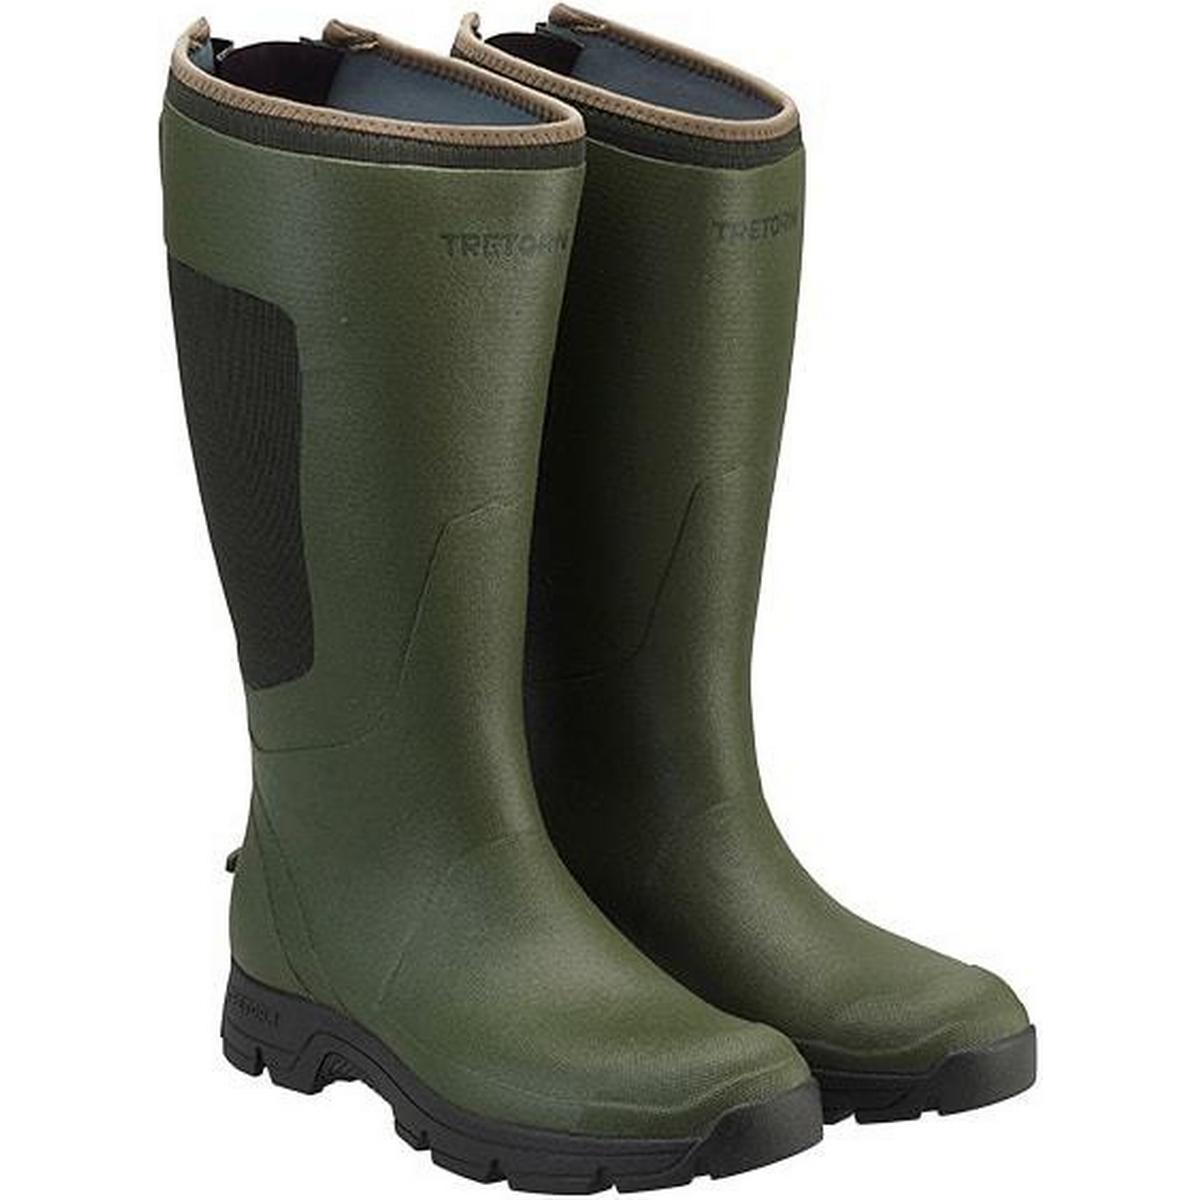 Muck boots stövlar i neopren och naturgummi Stööks Skoaffär